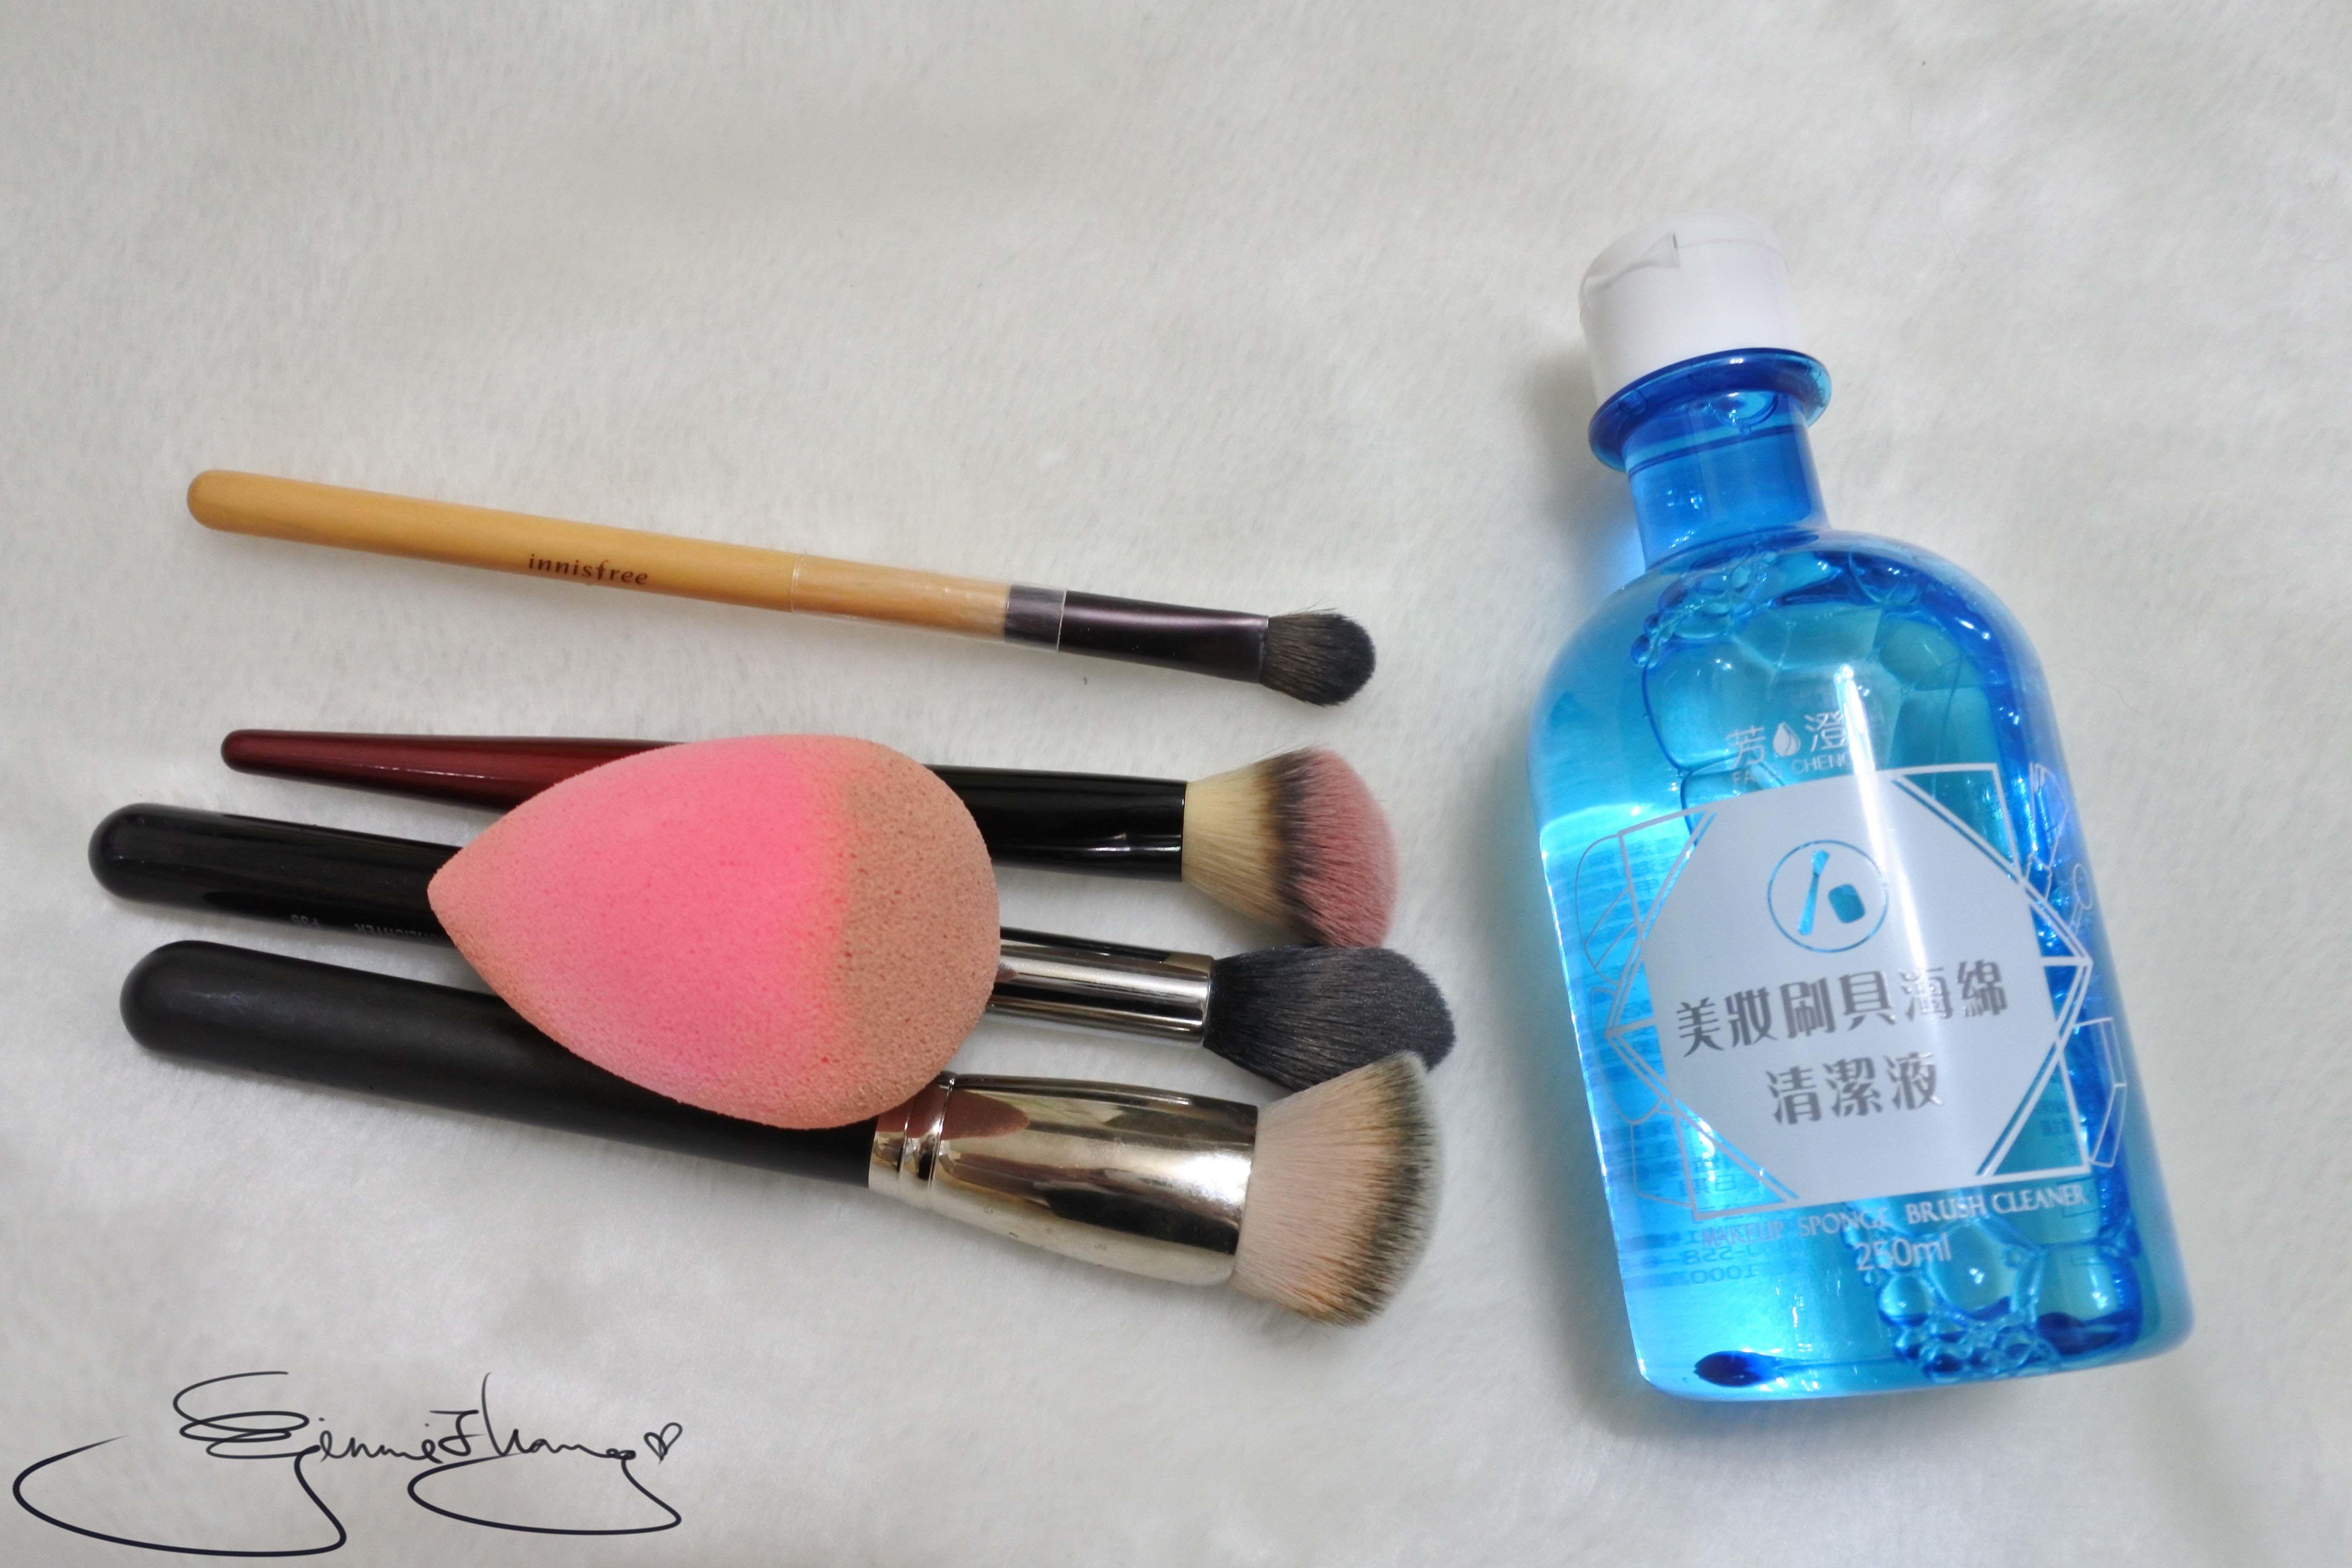 芳澄 美妝刷具海綿清潔液 刷具海綿清潔測試